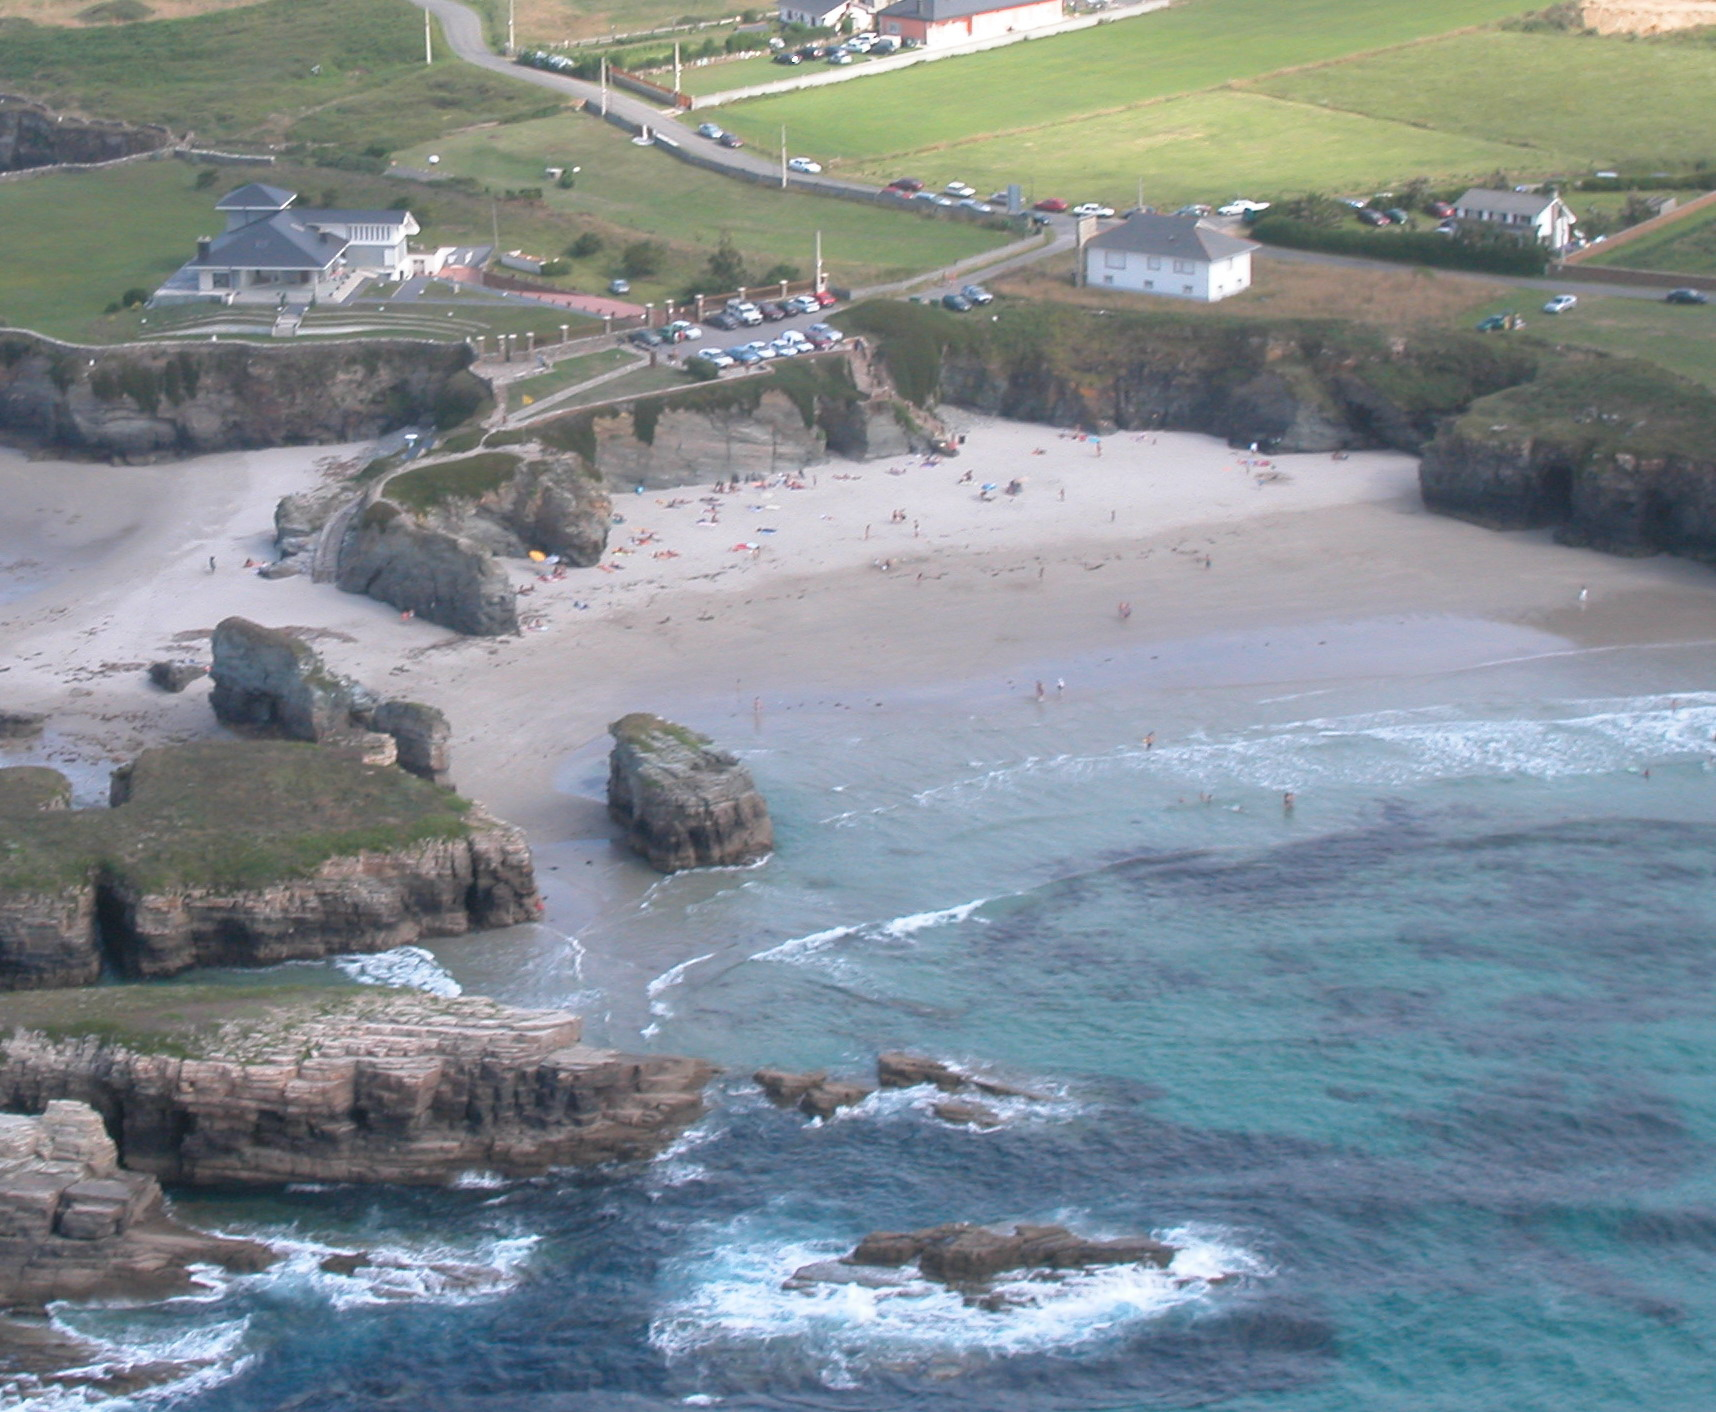 El tiempo en playa de as illas ribadeo lugo galicia - El tiempo en parga lugo ...